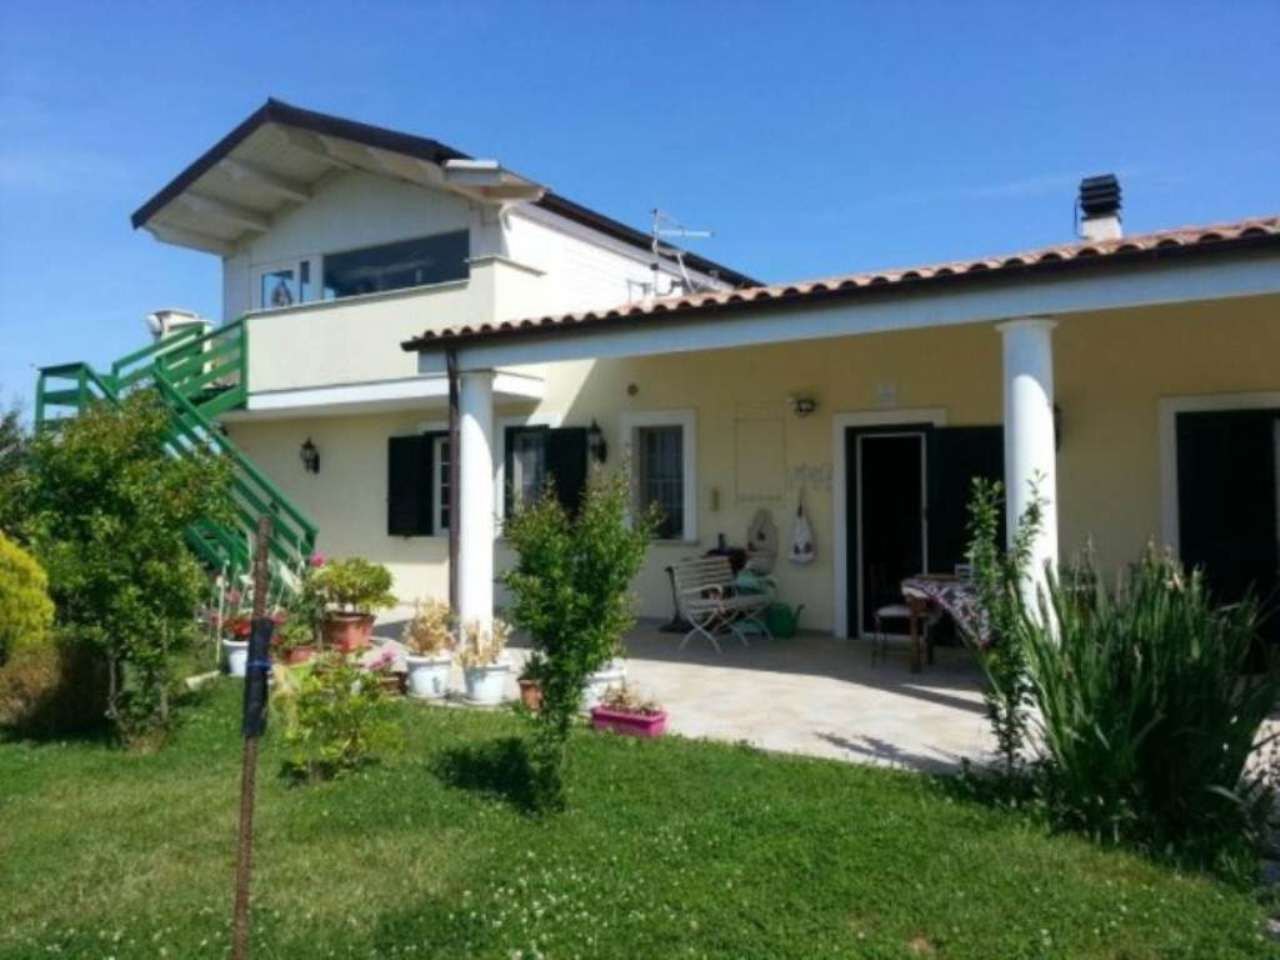 Villa in vendita a Città Sant'Angelo, 5 locali, Trattative riservate | Cambio Casa.it